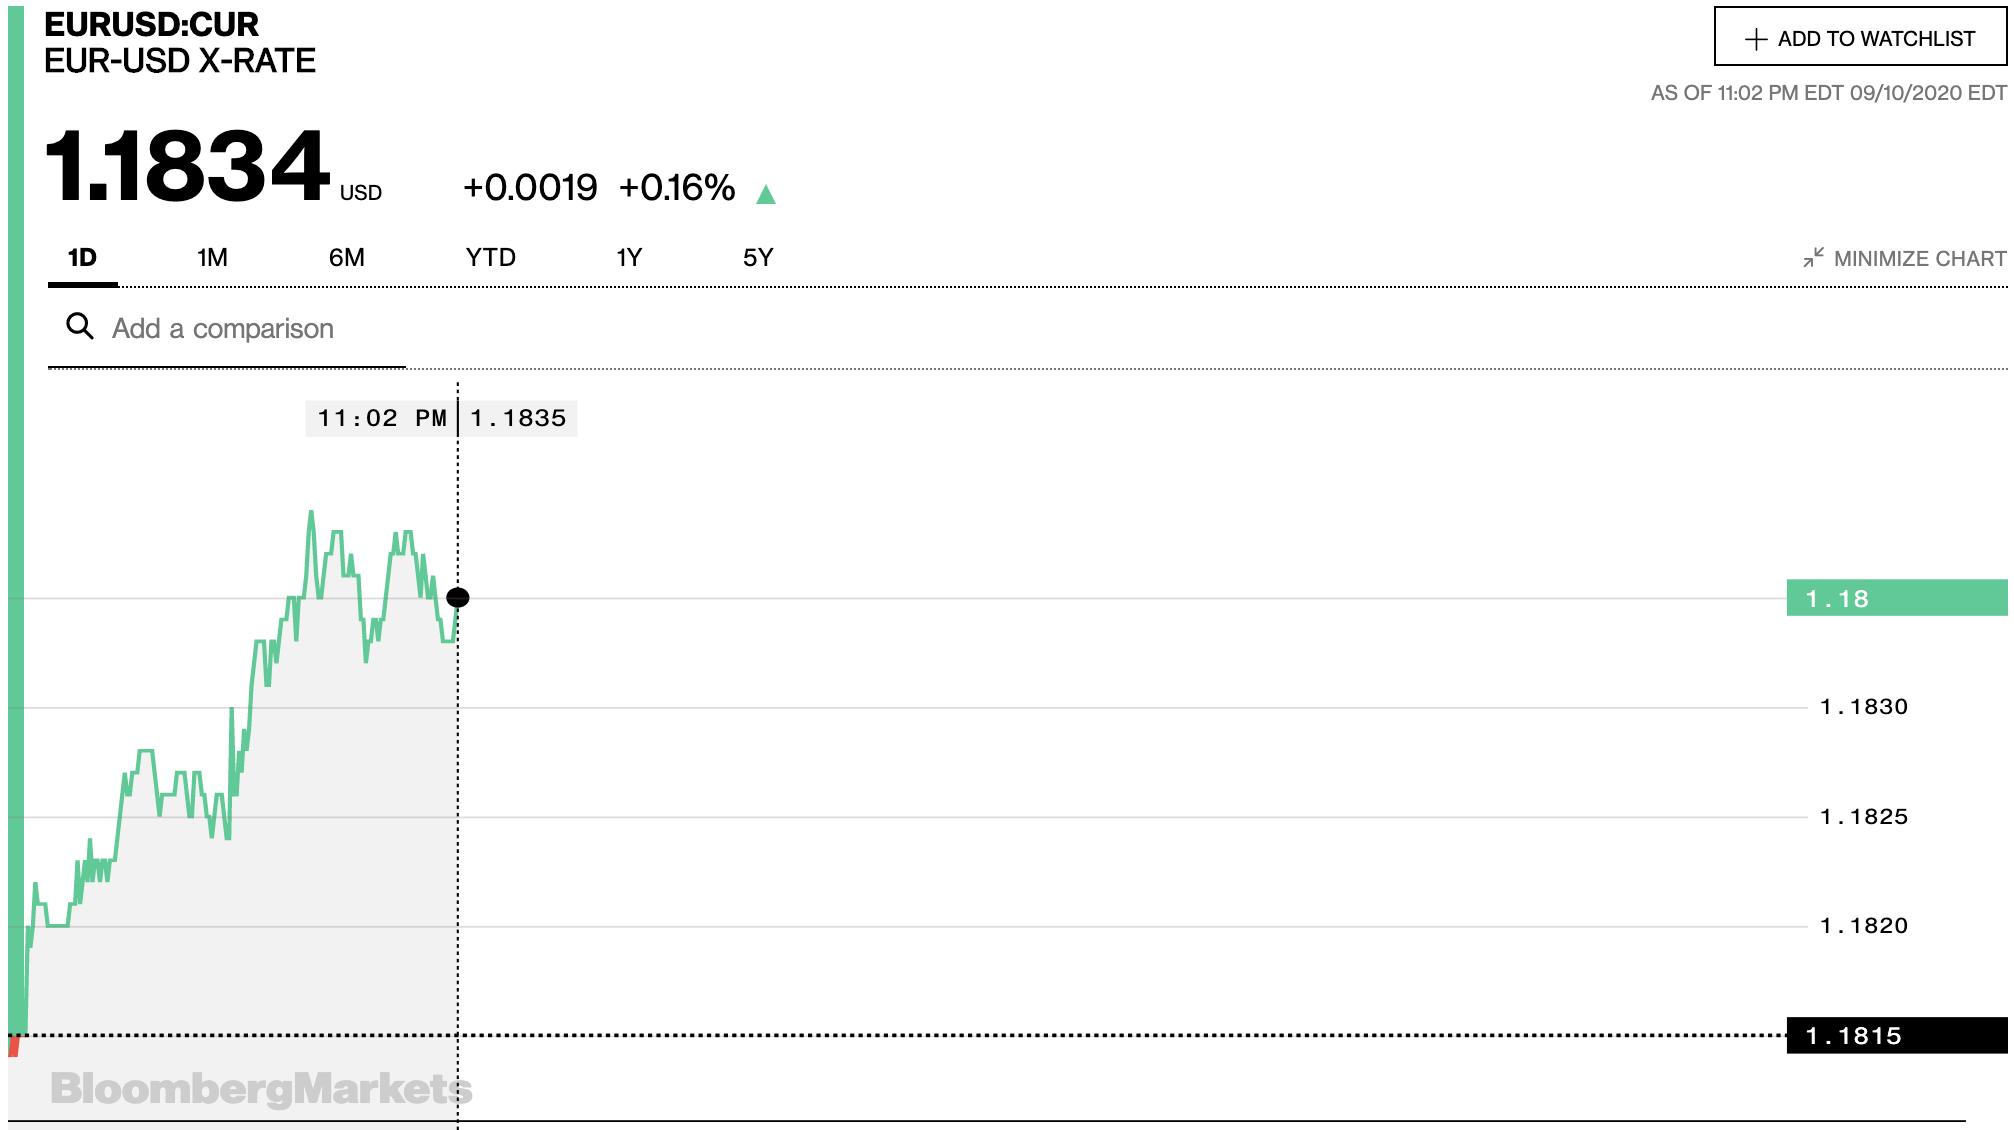 Tỷ giá euro hôm nay 11/9: Tiếp tục tăng đồng loạt tại các ngân hàng - Ảnh 2.